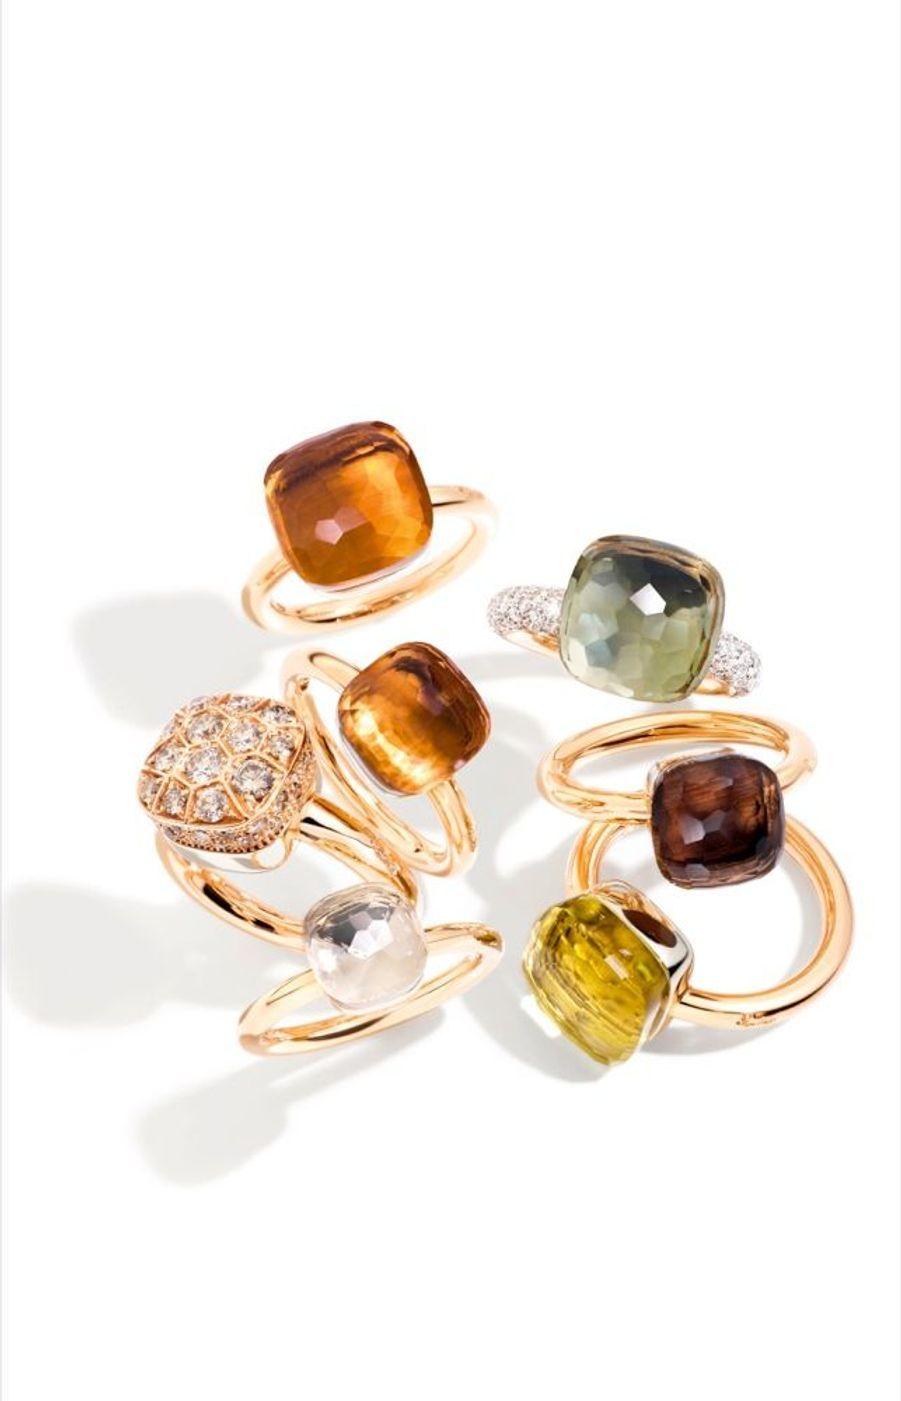 Nue au soleil Lancée en 2001, la bague Nudo de Pomellato a marqué les esprits. Pourtant, cet anneau d'or rose « nu », juste serti d'une pierre de couleur en forme de bouchon de carafe, n'était à l'origine qu'un exercice de style. A savoir, créer un solitaire différent – et sans diamant –, cette gemme n'ayant jamais constitué le fonds de commerce de Pomellato. Le succès est immédiat. Ces « nus » sont à la fois originaux et portables, ludiques et personnalisables via de nombreuses combinaisons de couleurs. Désormais les Nudo se sont multipliés en s'octroyant néanmoins, parfois, une nuée de diamants… A partir de 1 600 euros la bague